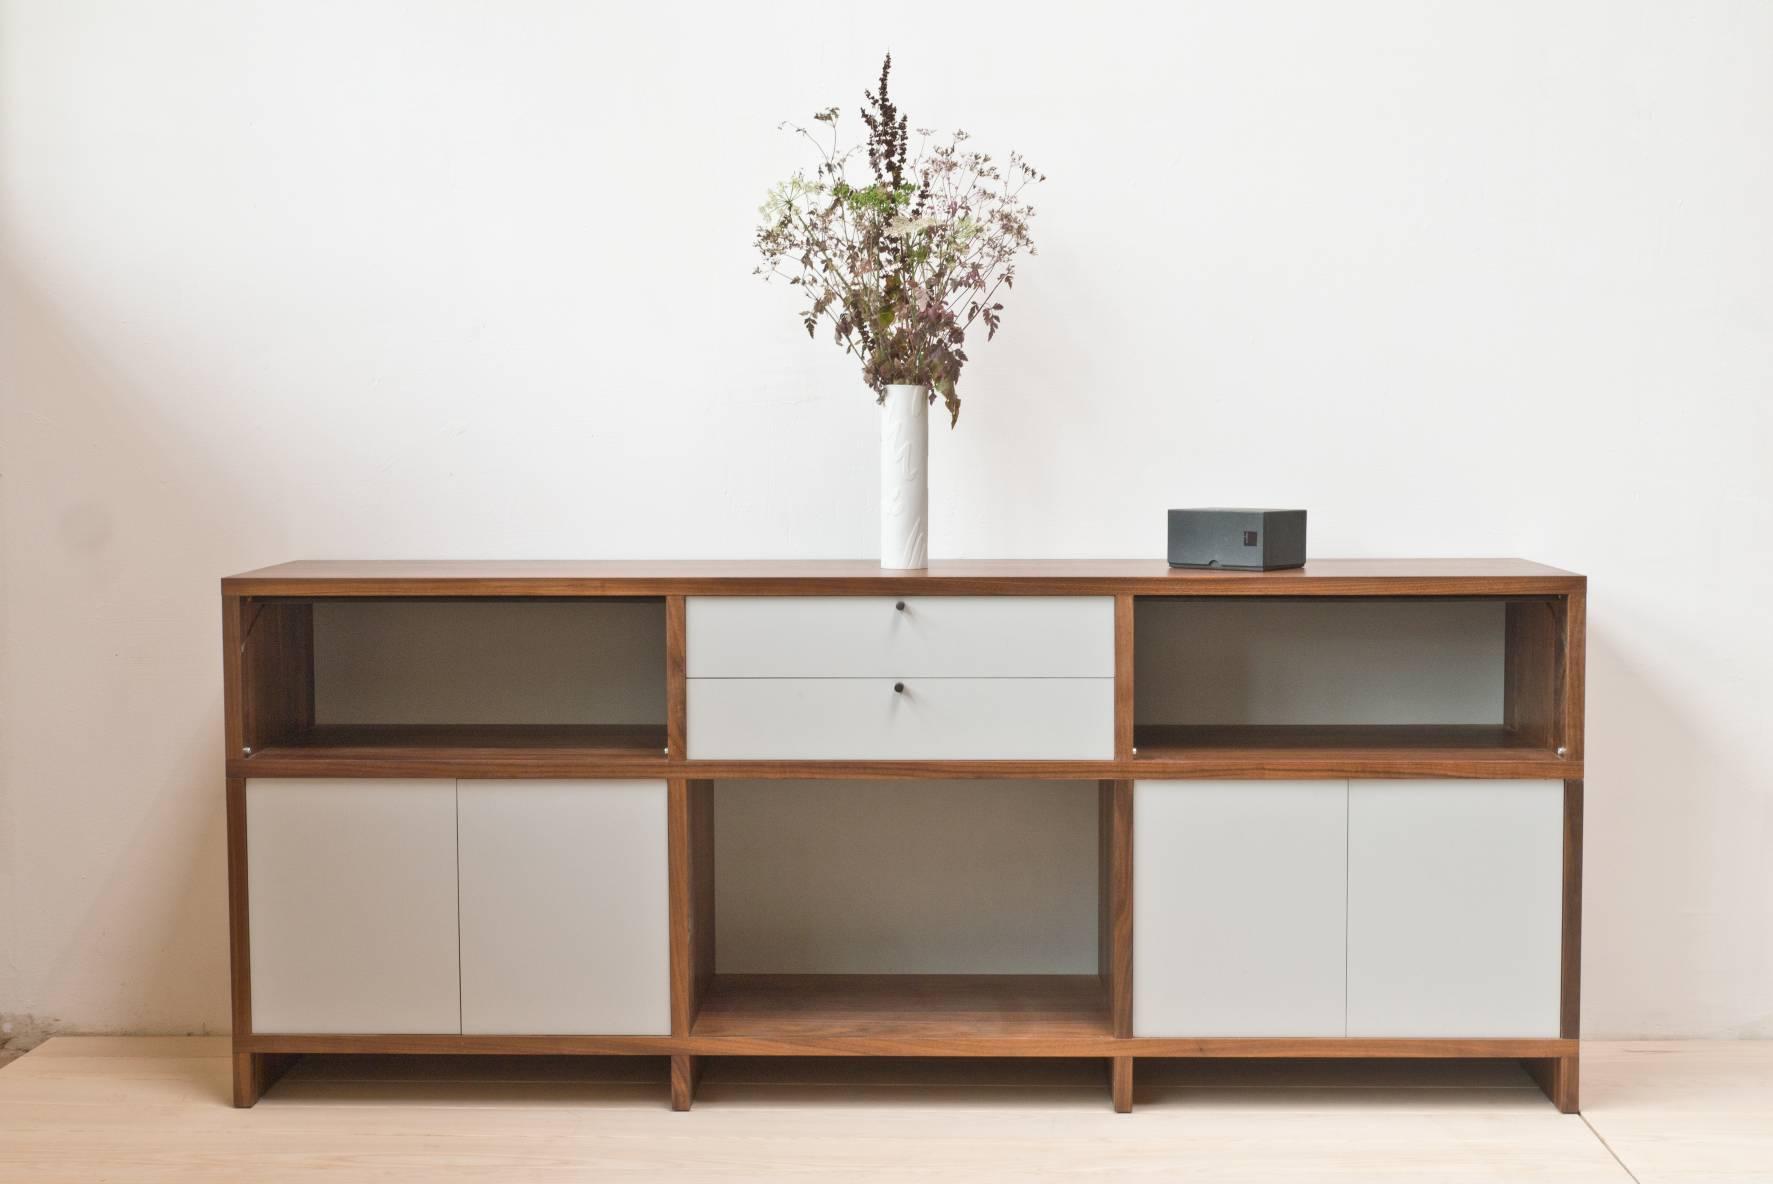 regale der manufaktur kierschke. Black Bedroom Furniture Sets. Home Design Ideas